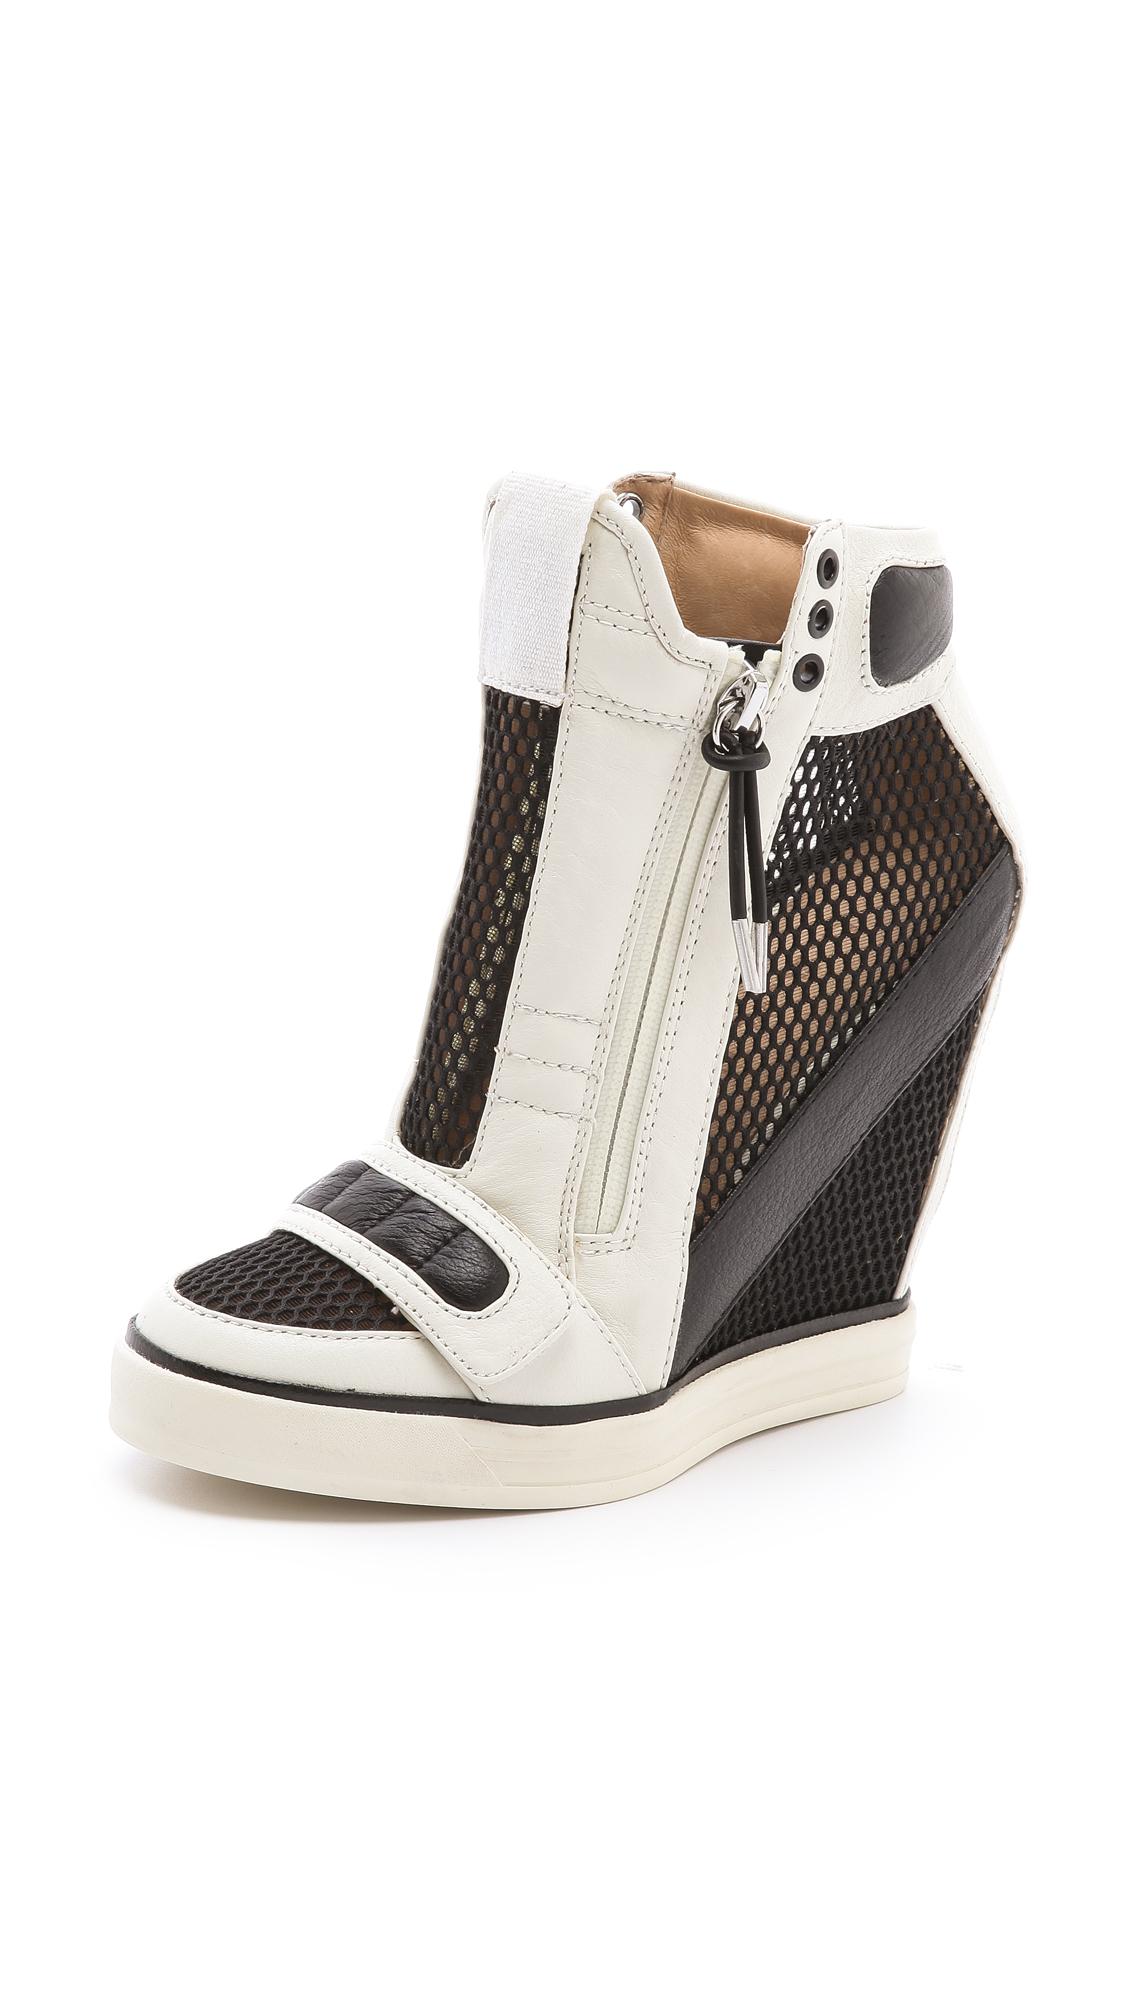 Lyst - L.A.M.B. Pamela Mesh Wedge Sneakers in Black